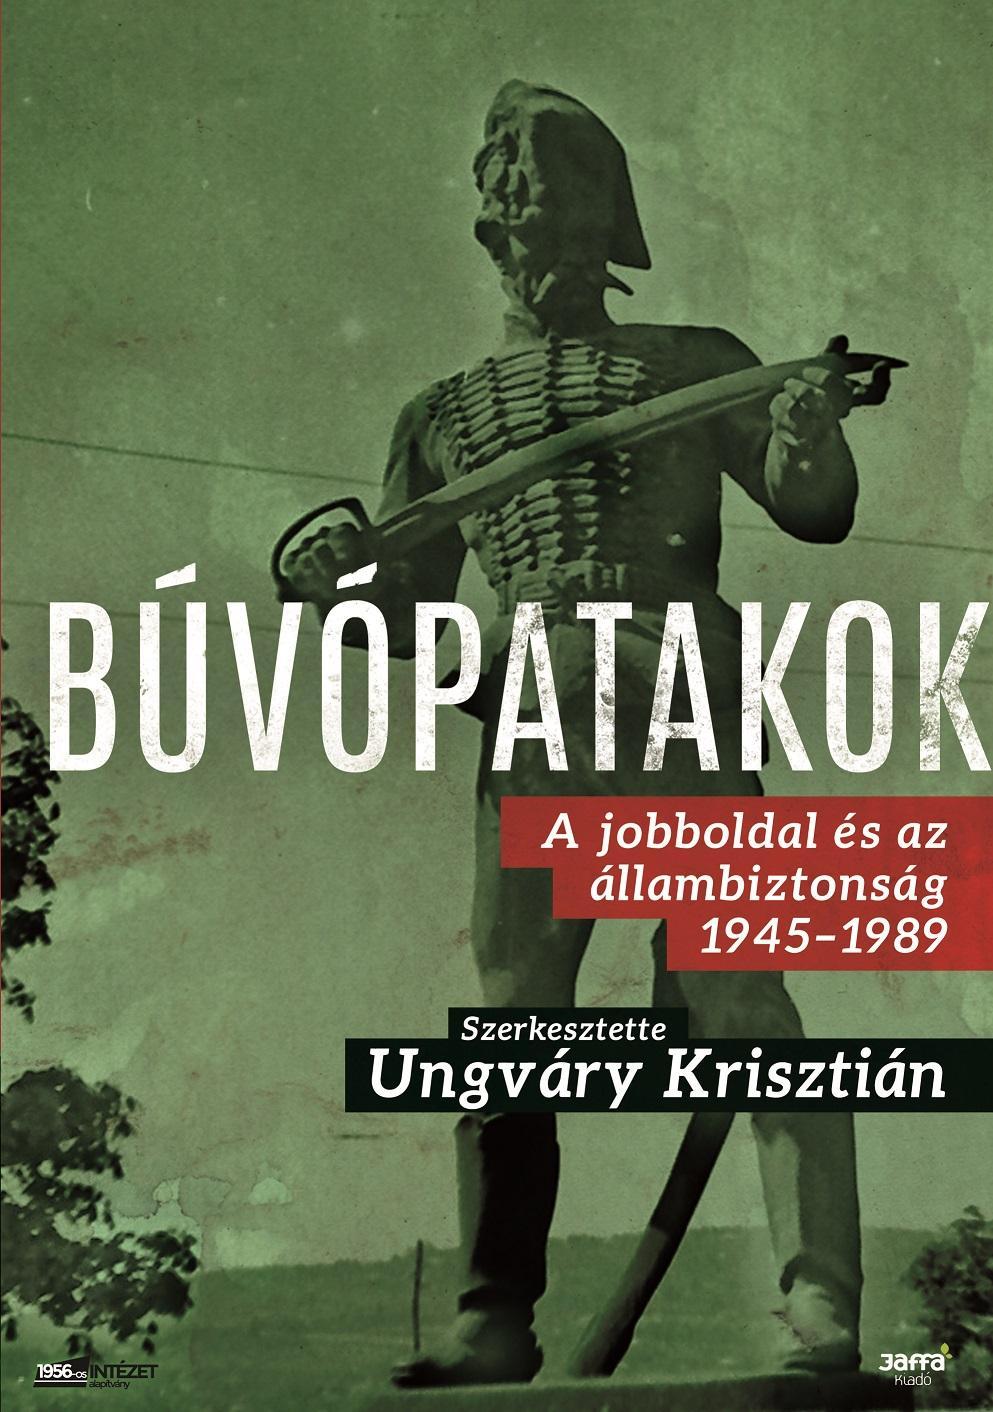 UNGVÁRY KRISZTIÁN - BÚVÓPATAKOK - A JOBBOLDAL ÉS AZ ÁLLAMBIZTONSÁG 1945-1989